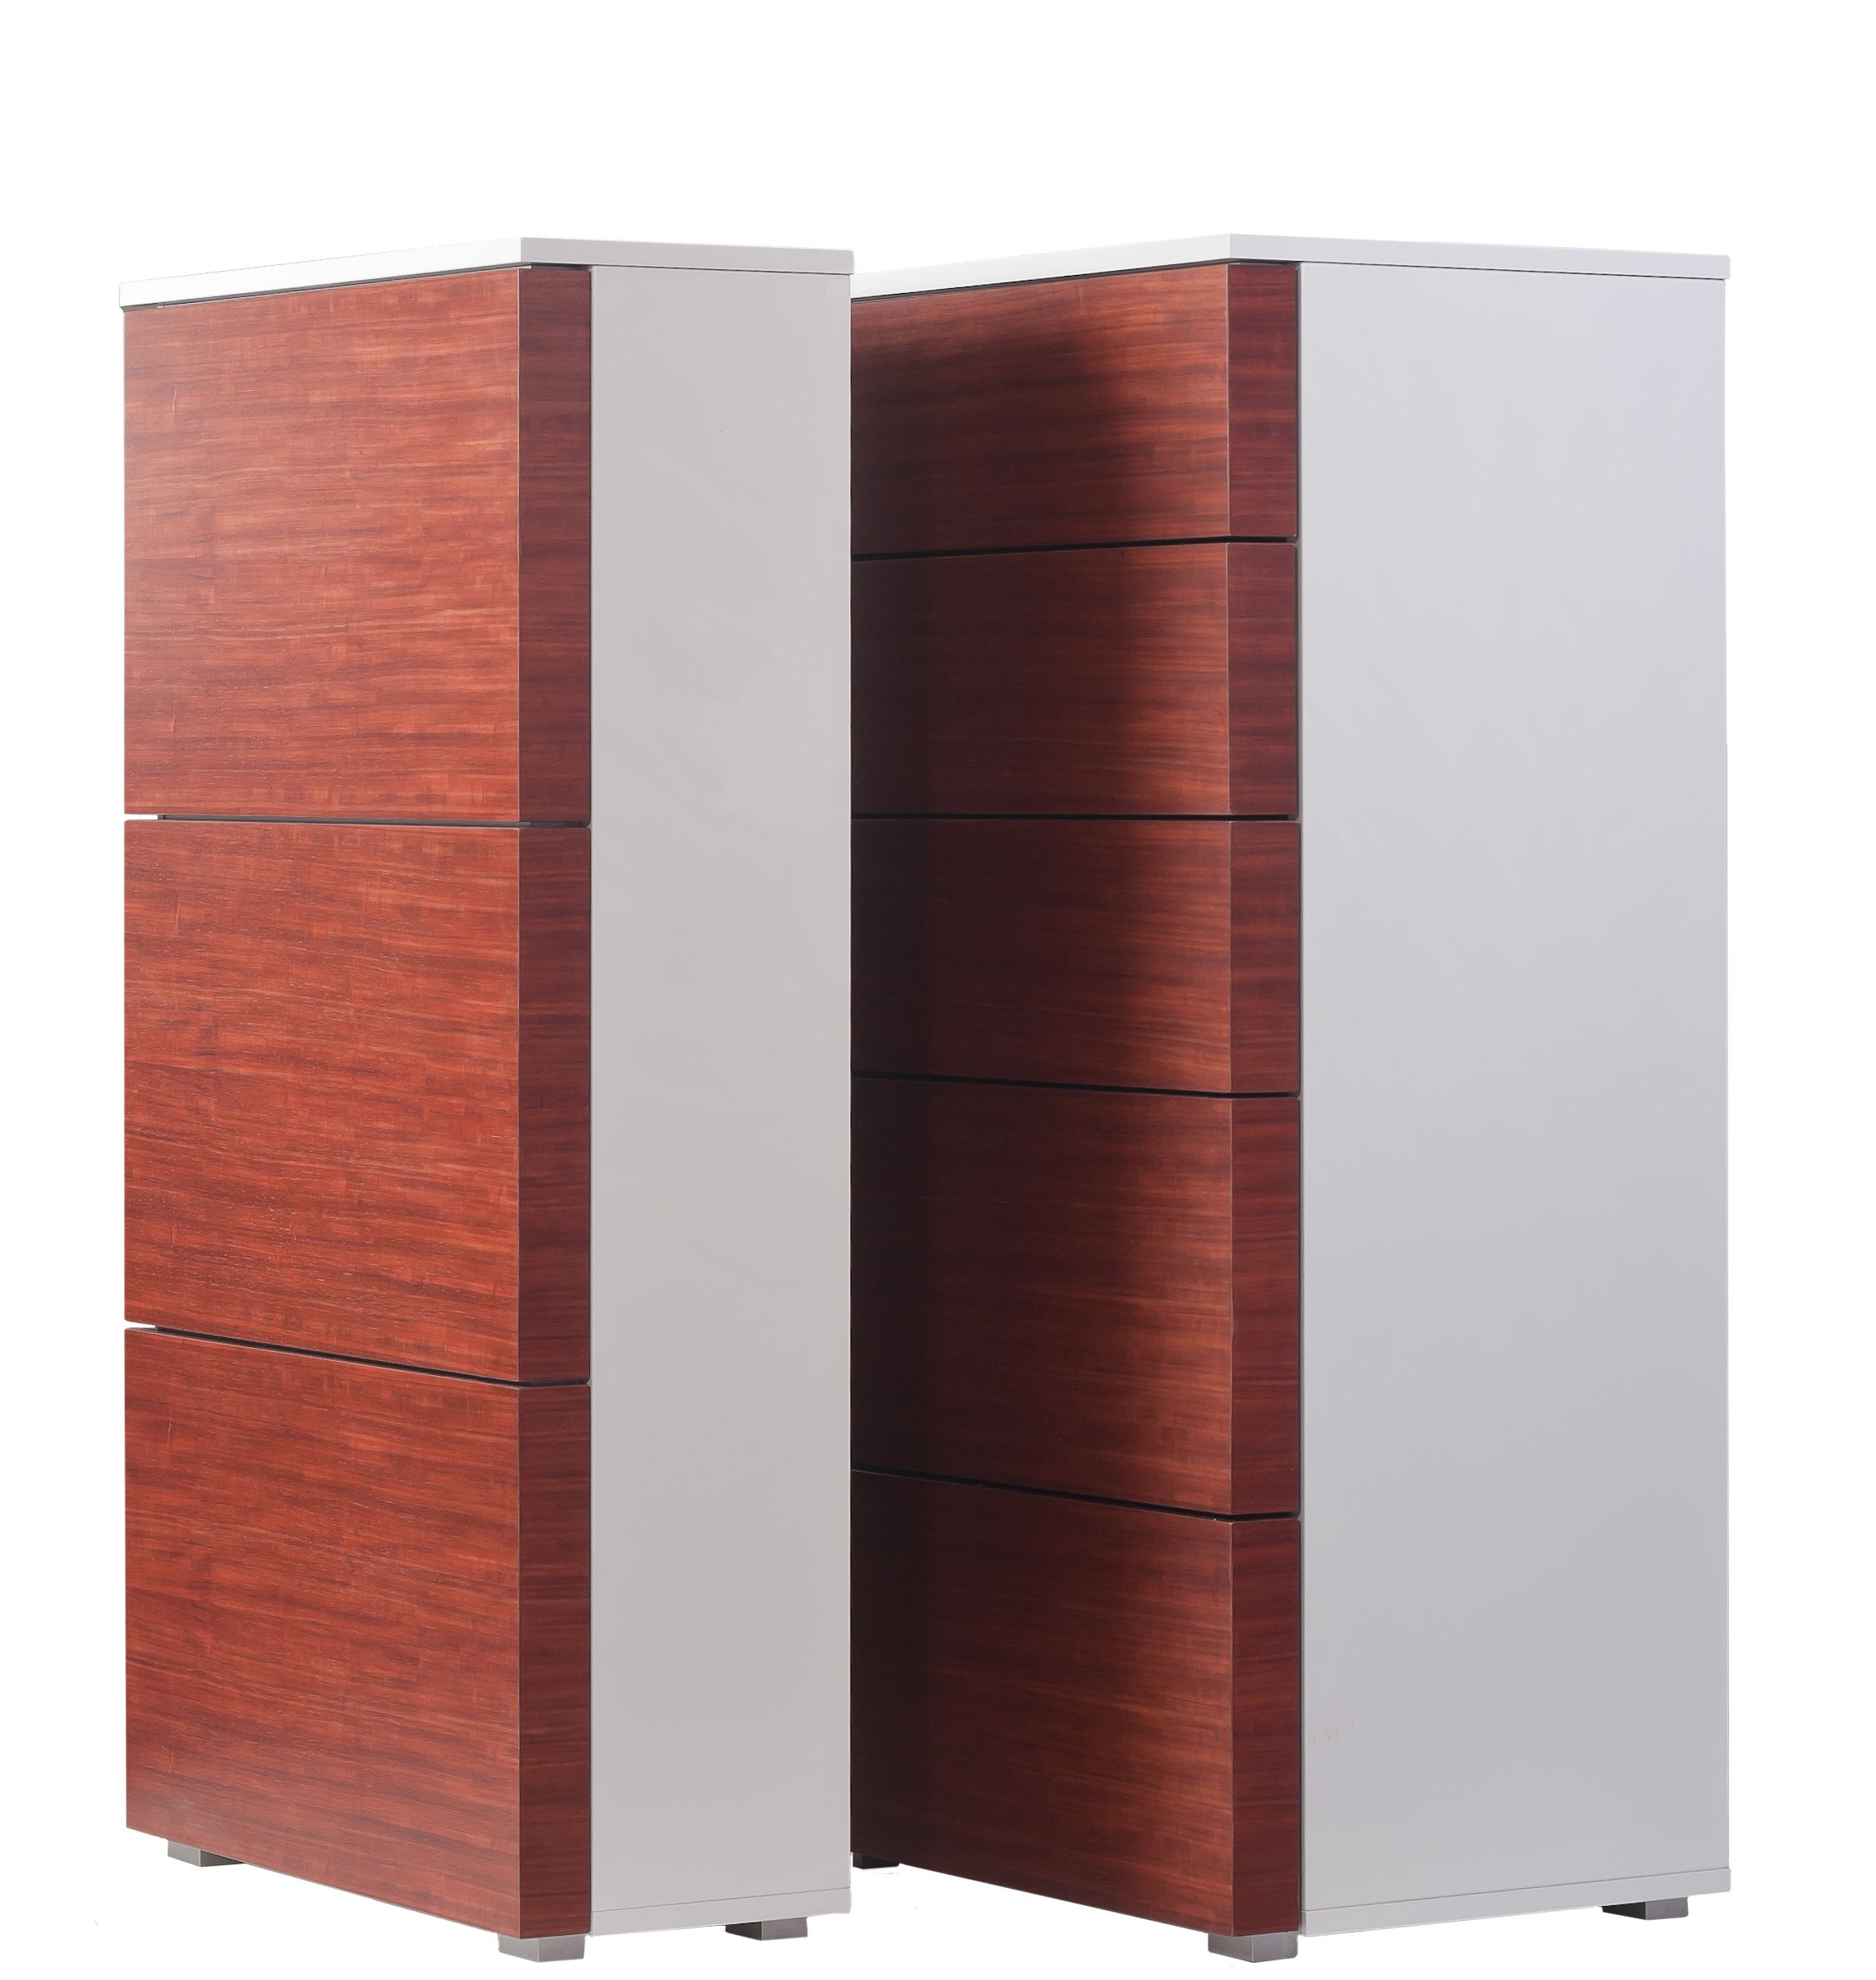 Szafka Na Buty Fornirowana Portobello Furniture Room Divider Decor